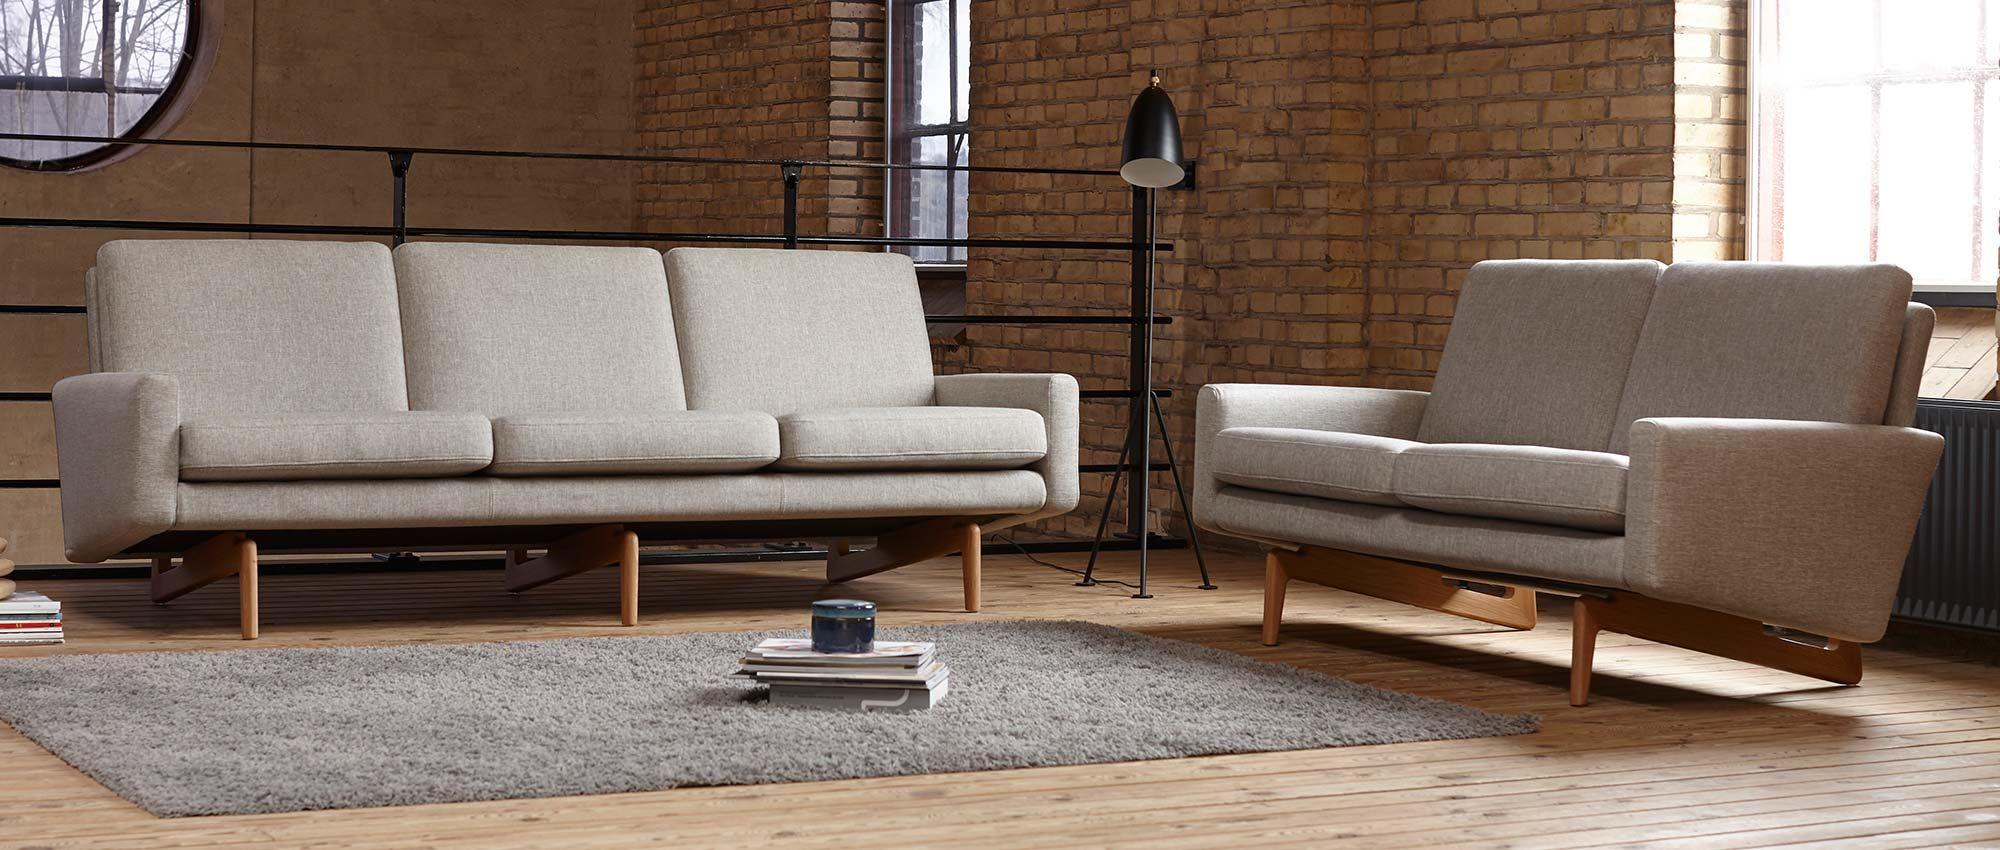 Kopenhagen Designer Sofas Mit Polsterarmlehnen Und Holzfussen Kopenhagen Und Kopenhagen Oak Als 2 Sitzer Oder 3 Sitzer Al Sofa Design Sessel Mit Hocker Sessel